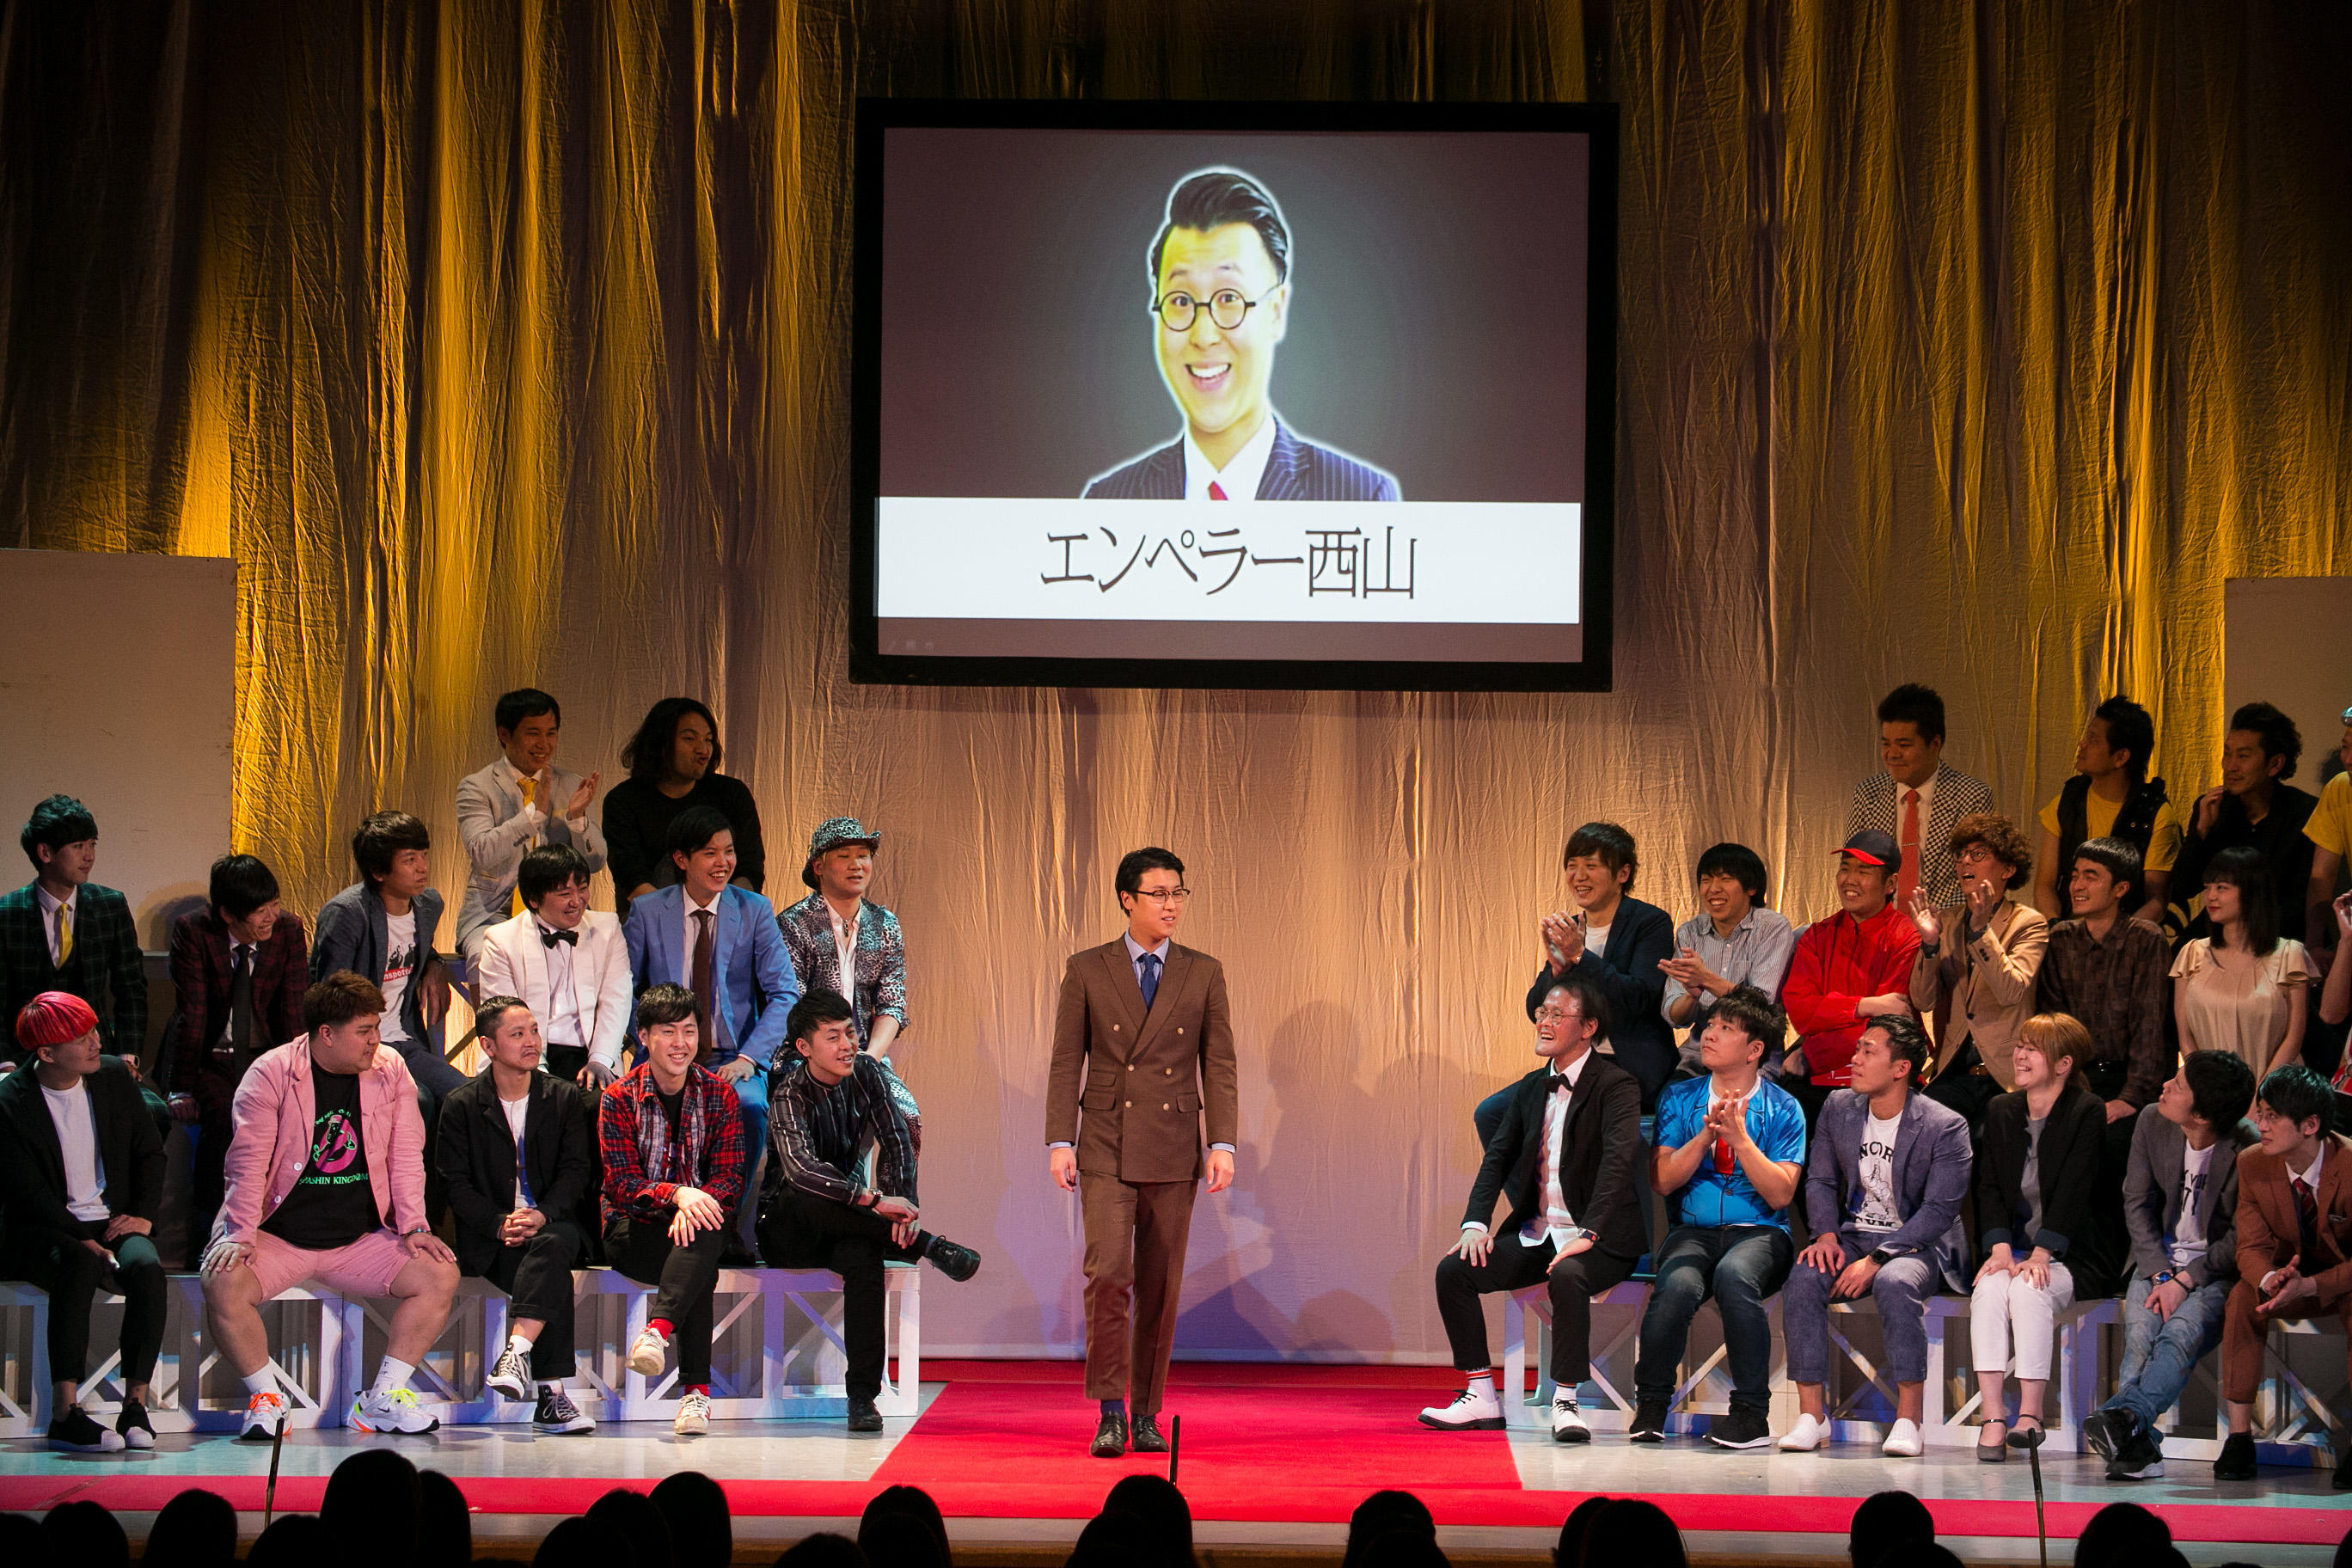 http://news.yoshimoto.co.jp/20181228113306-01b16b42a1d6c93f36da0c84c1720ae2663f3e3e.jpg